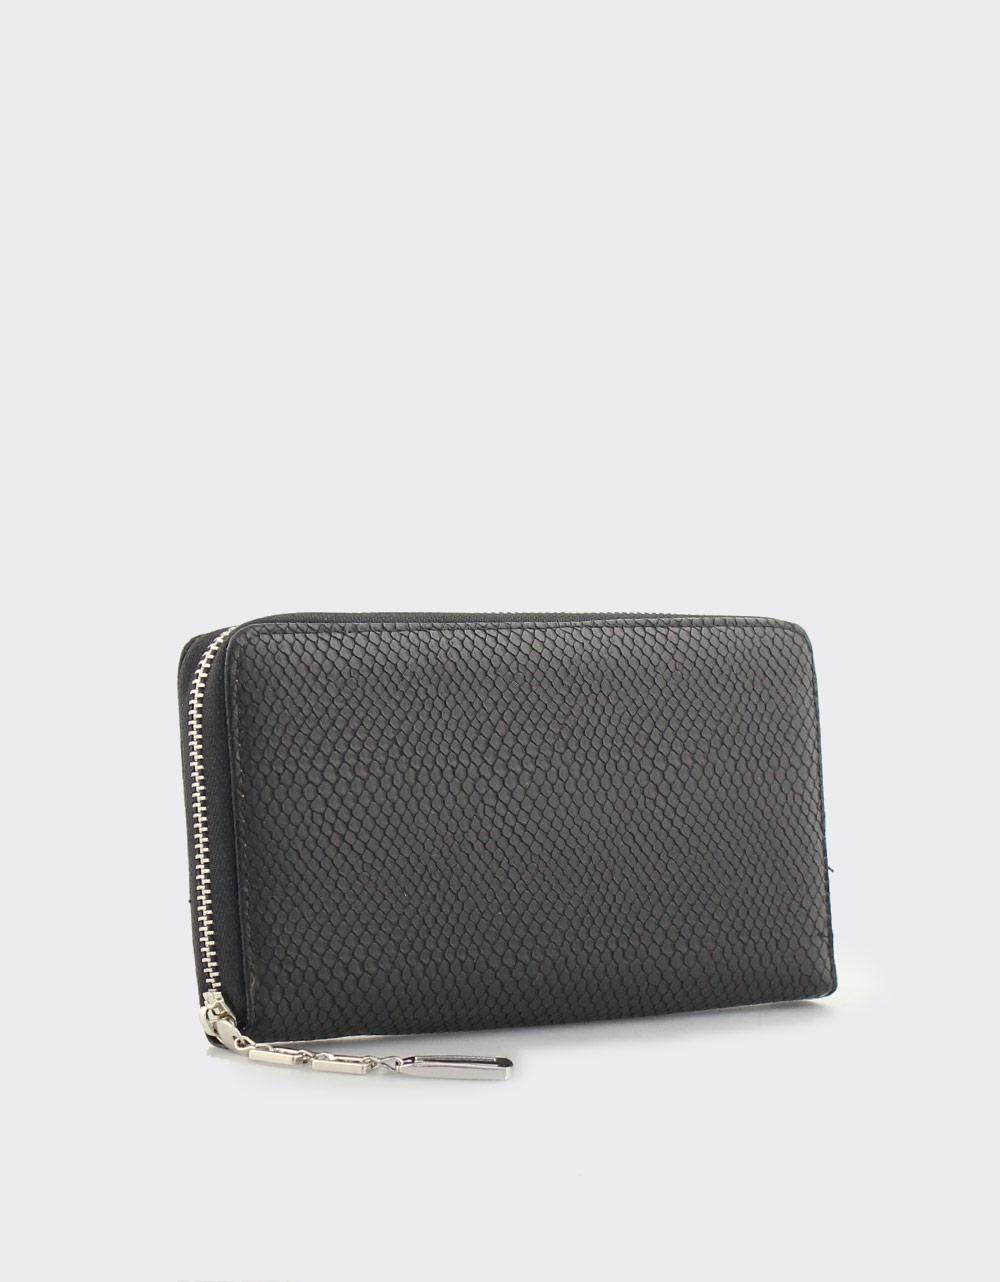 Εικόνα από Γυναικεία πορτοφόλια με κροκό μοτίβο Μαύρο